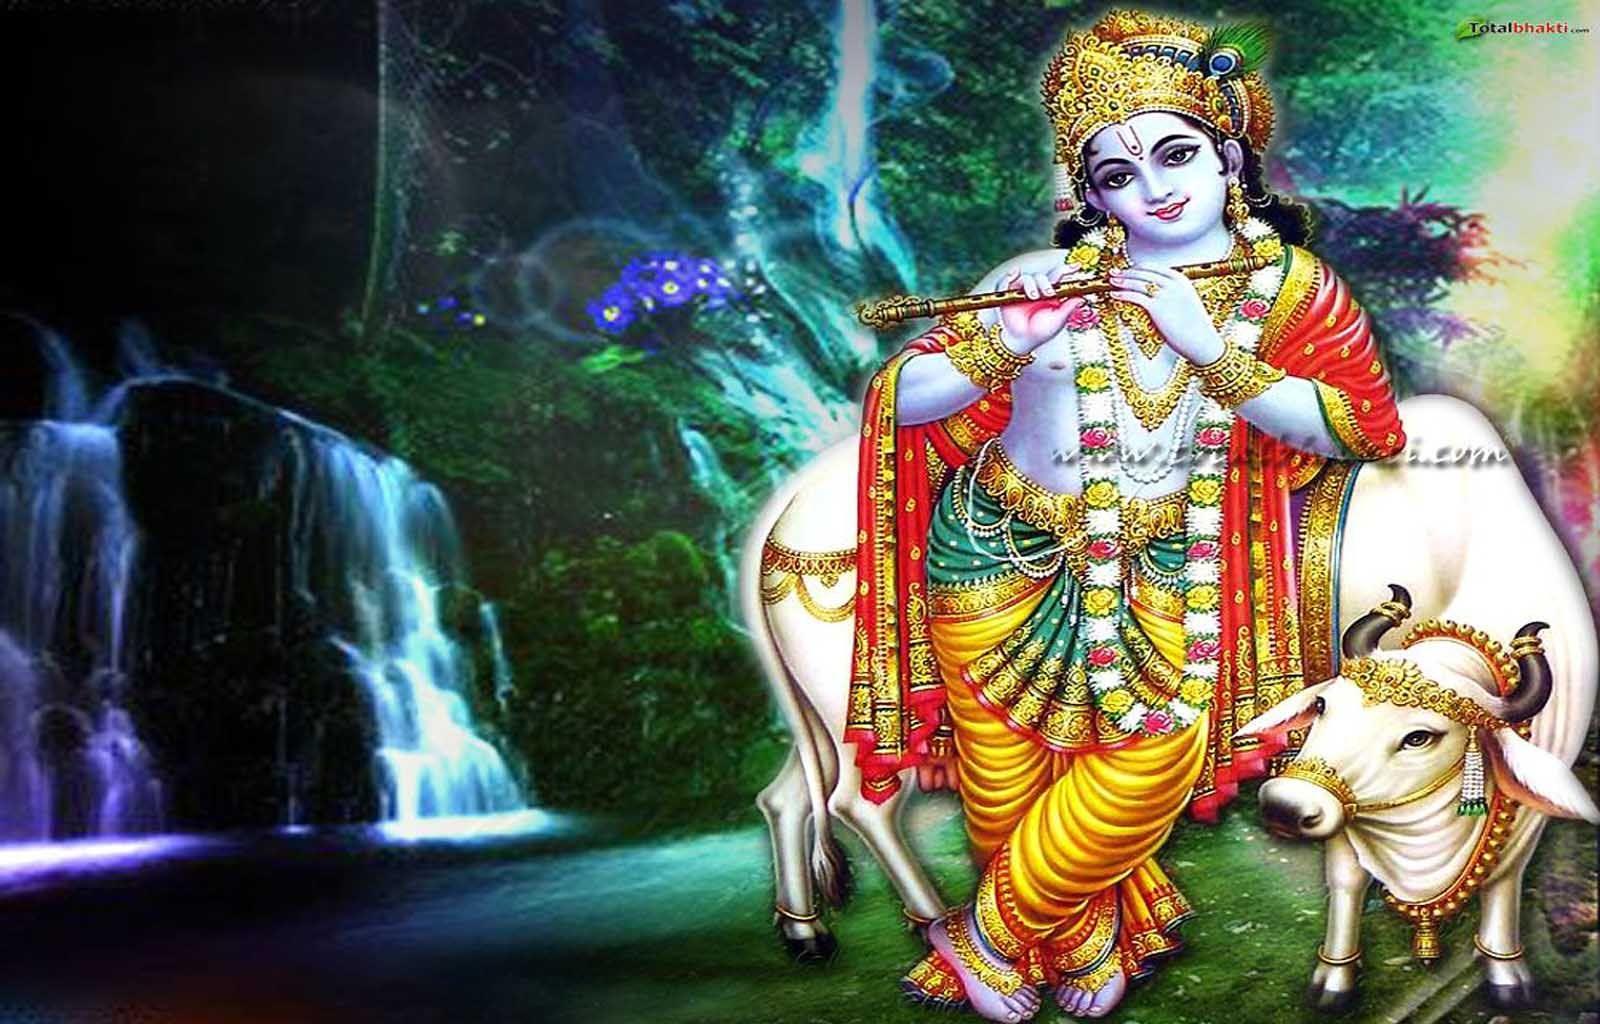 Pin By Deepu Vj On Abc Shree Krishna Wallpapers Lord Krishna Hd Wallpaper Beautiful Wallpapers